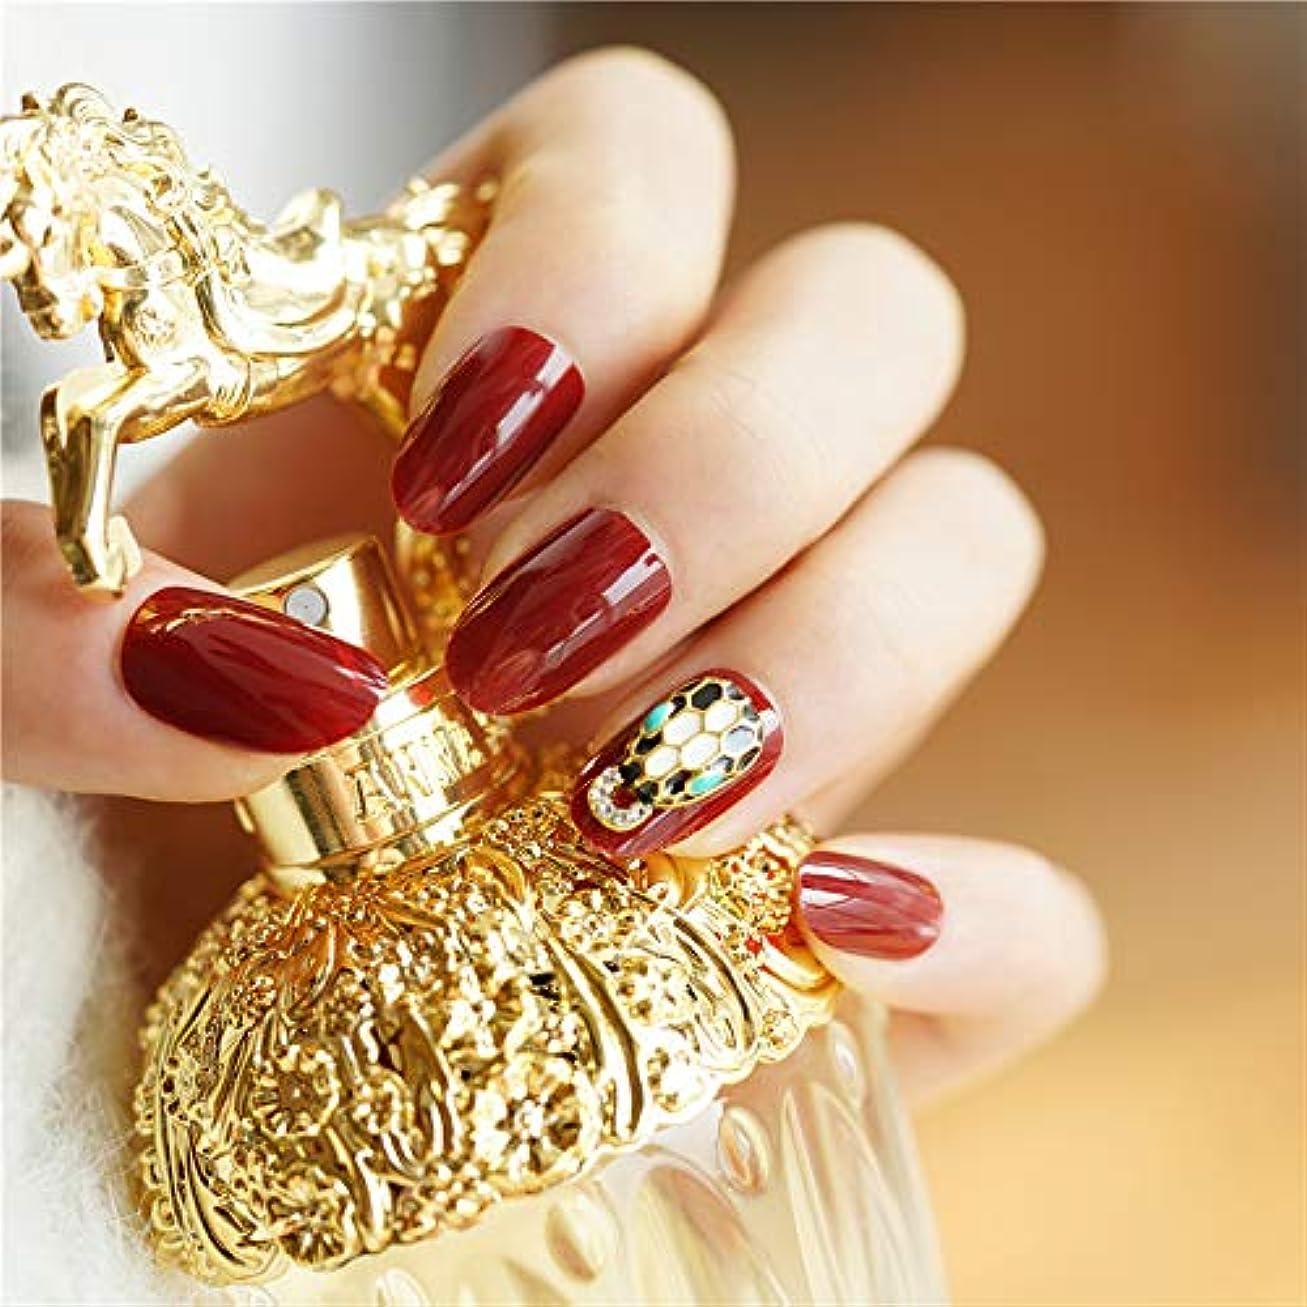 最終彼女の州24枚セット ネイルチップ 付け爪 お嫁さんつけ爪 ネイルシール 3D可愛い飾り 爪先金回し 水しいピンク色変化デザインネイルチップ (ワインレッド)